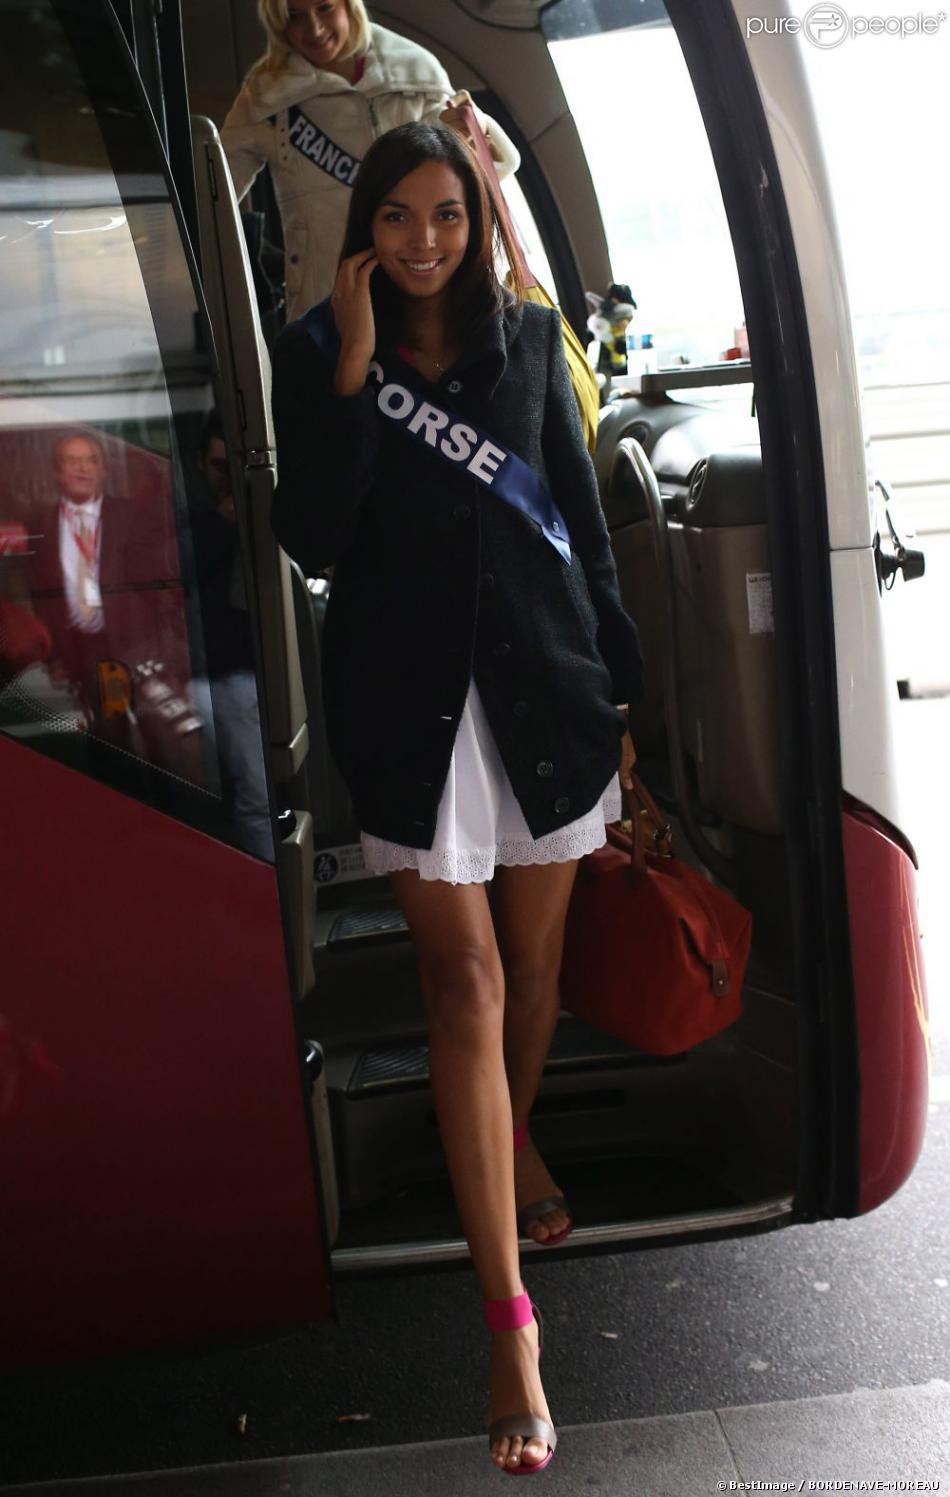 Louise Robert, Miss Corse, arrive à l'aéroport Charles de Gaulle avant de s'envoler pour l'Île Maurice, à Paris le 14 novembre 2012